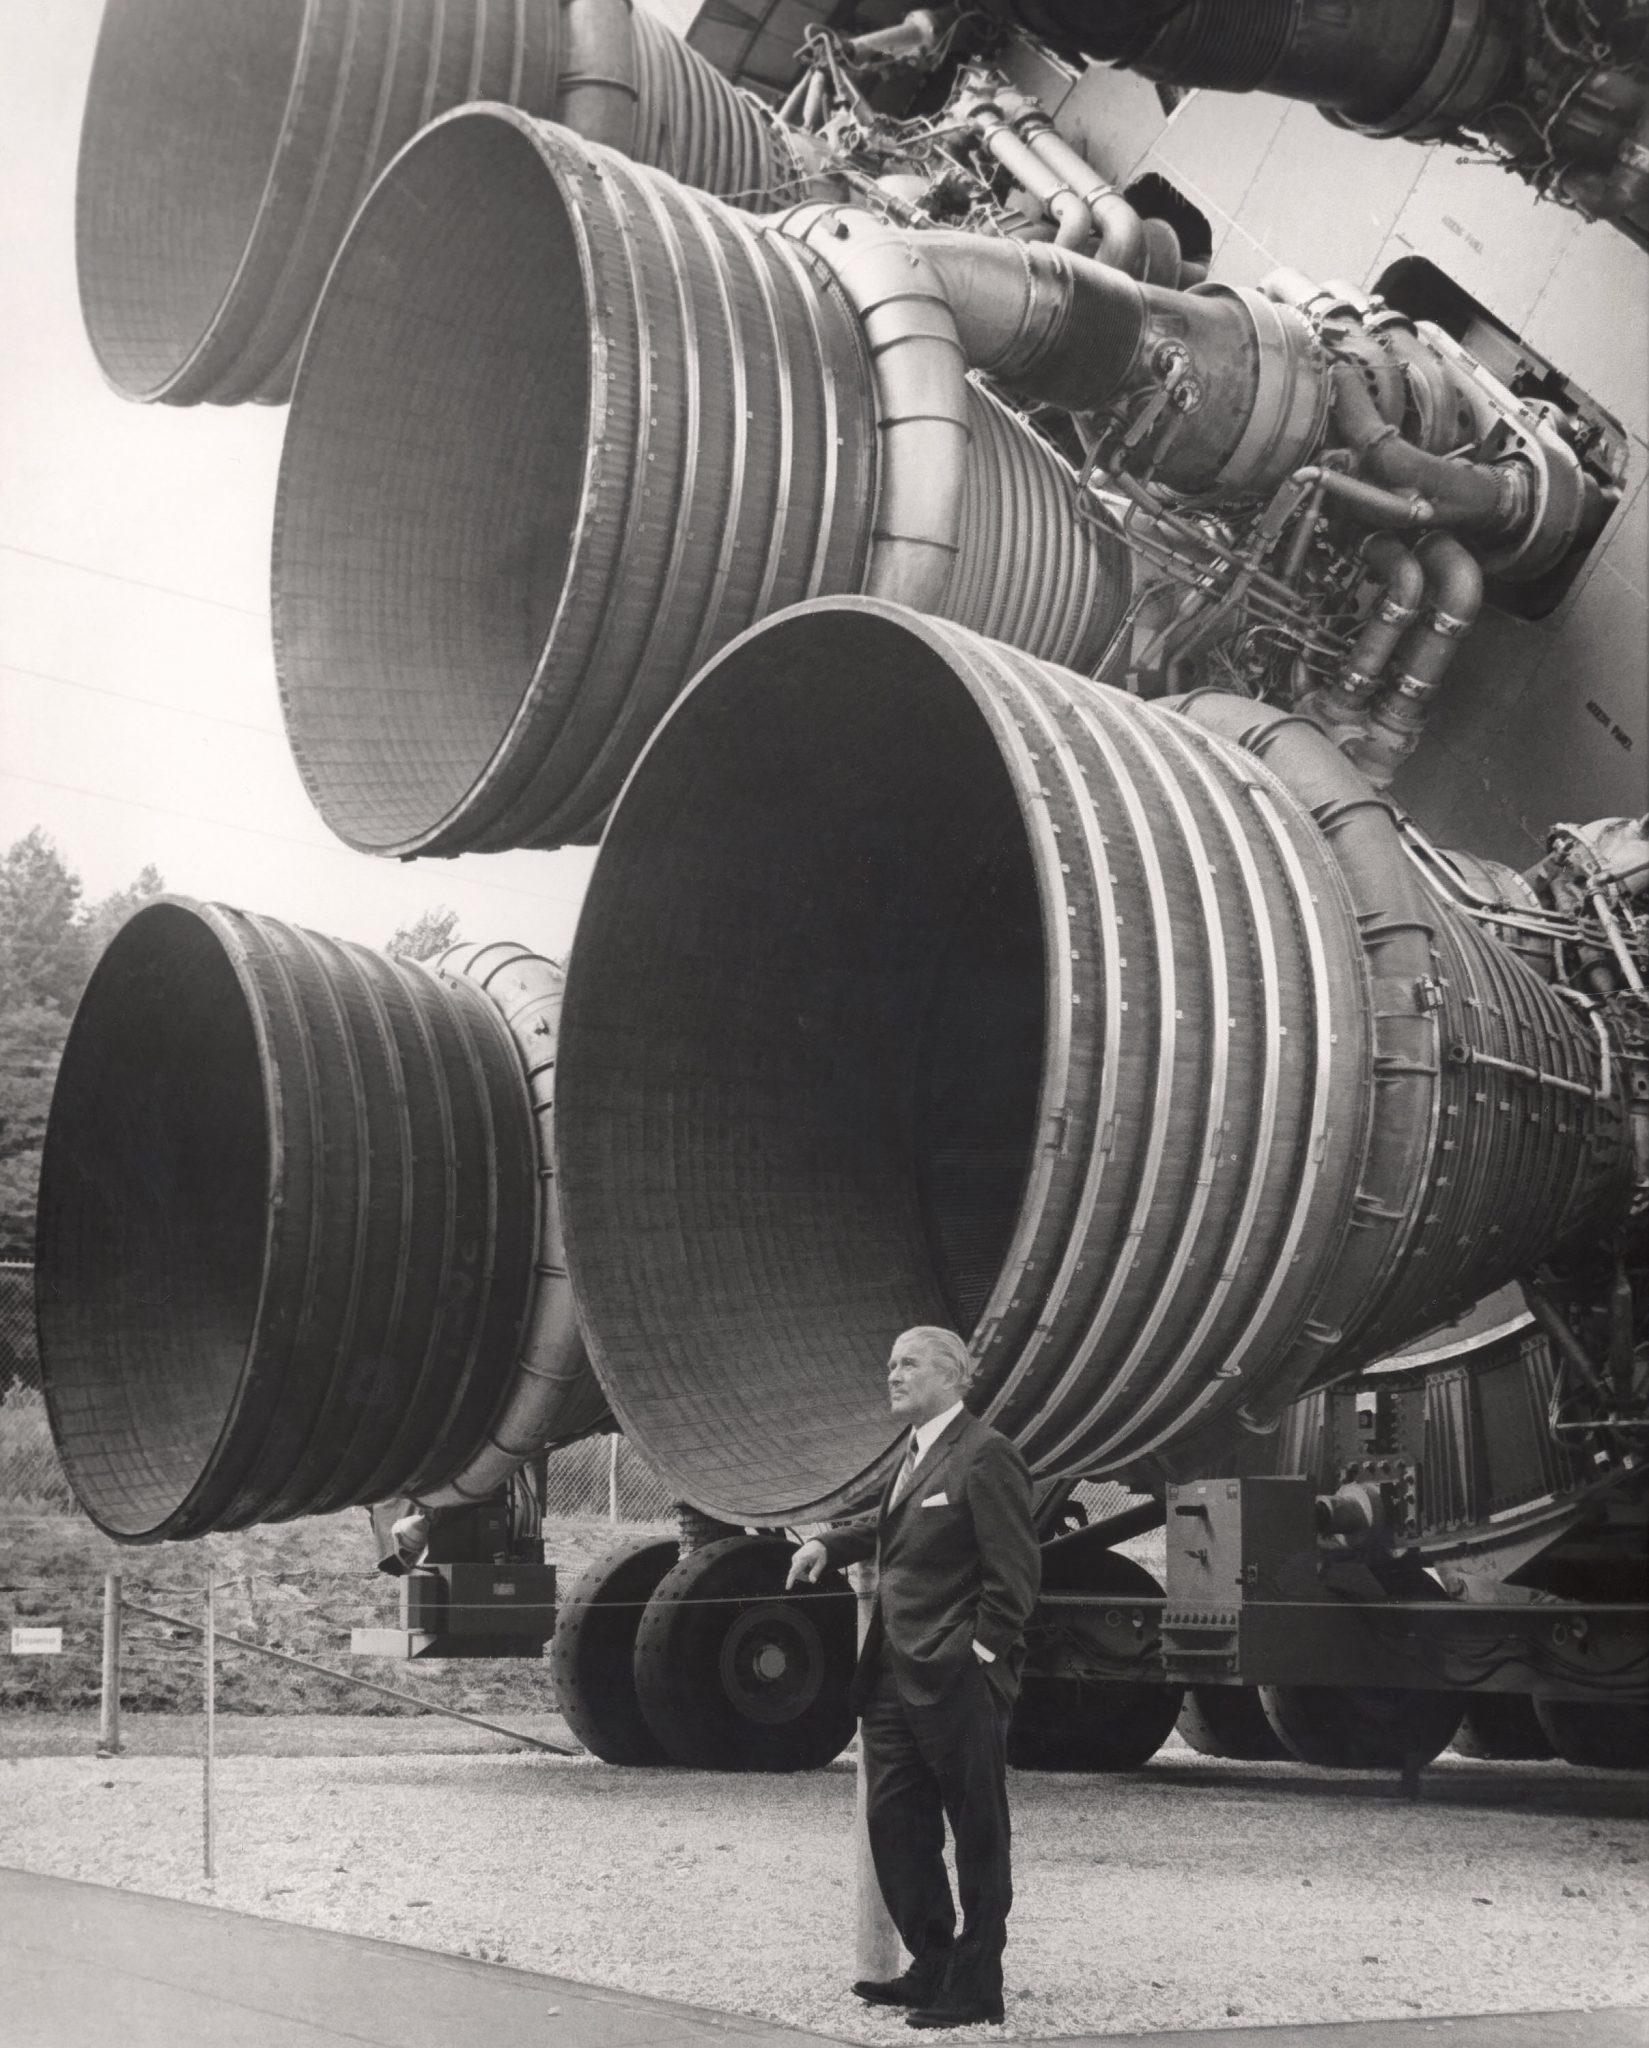 Saturn 5 Engines and Wernher von Braun